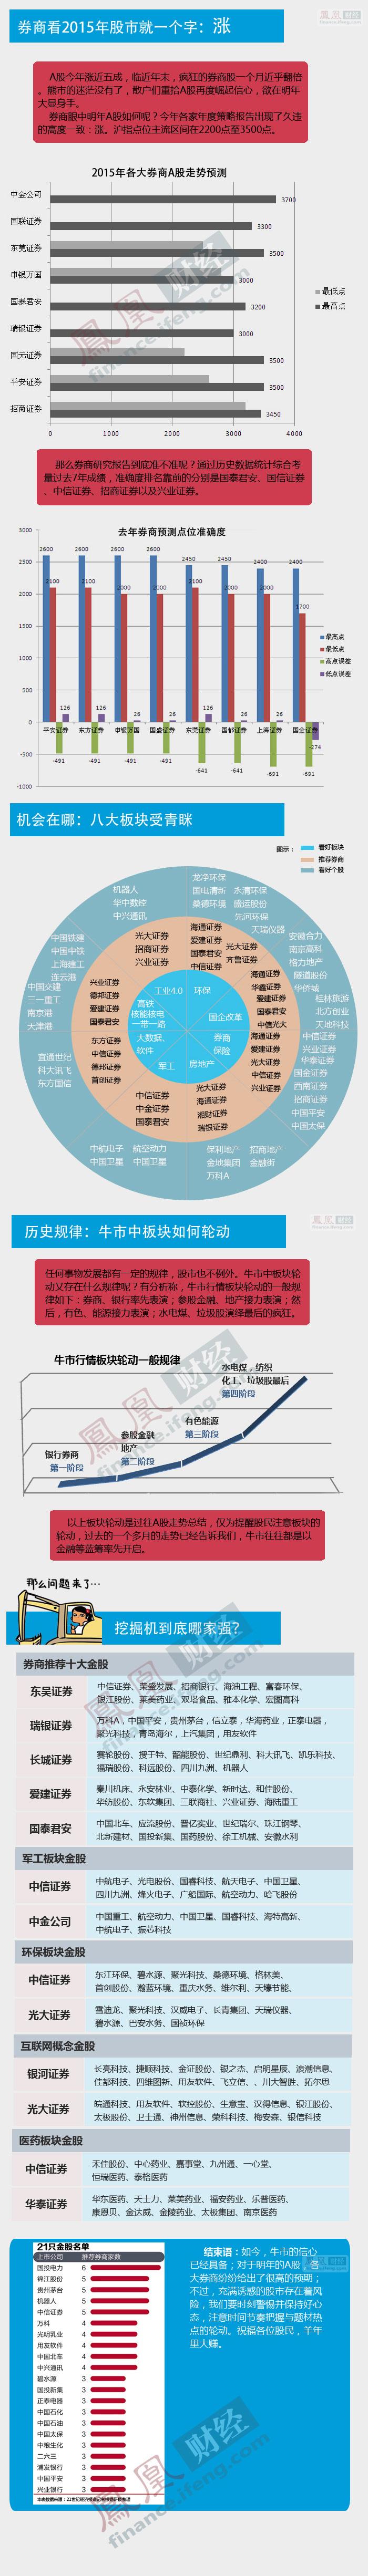 5张图看完2015最热板块个股 - li-han163 - 李 晗